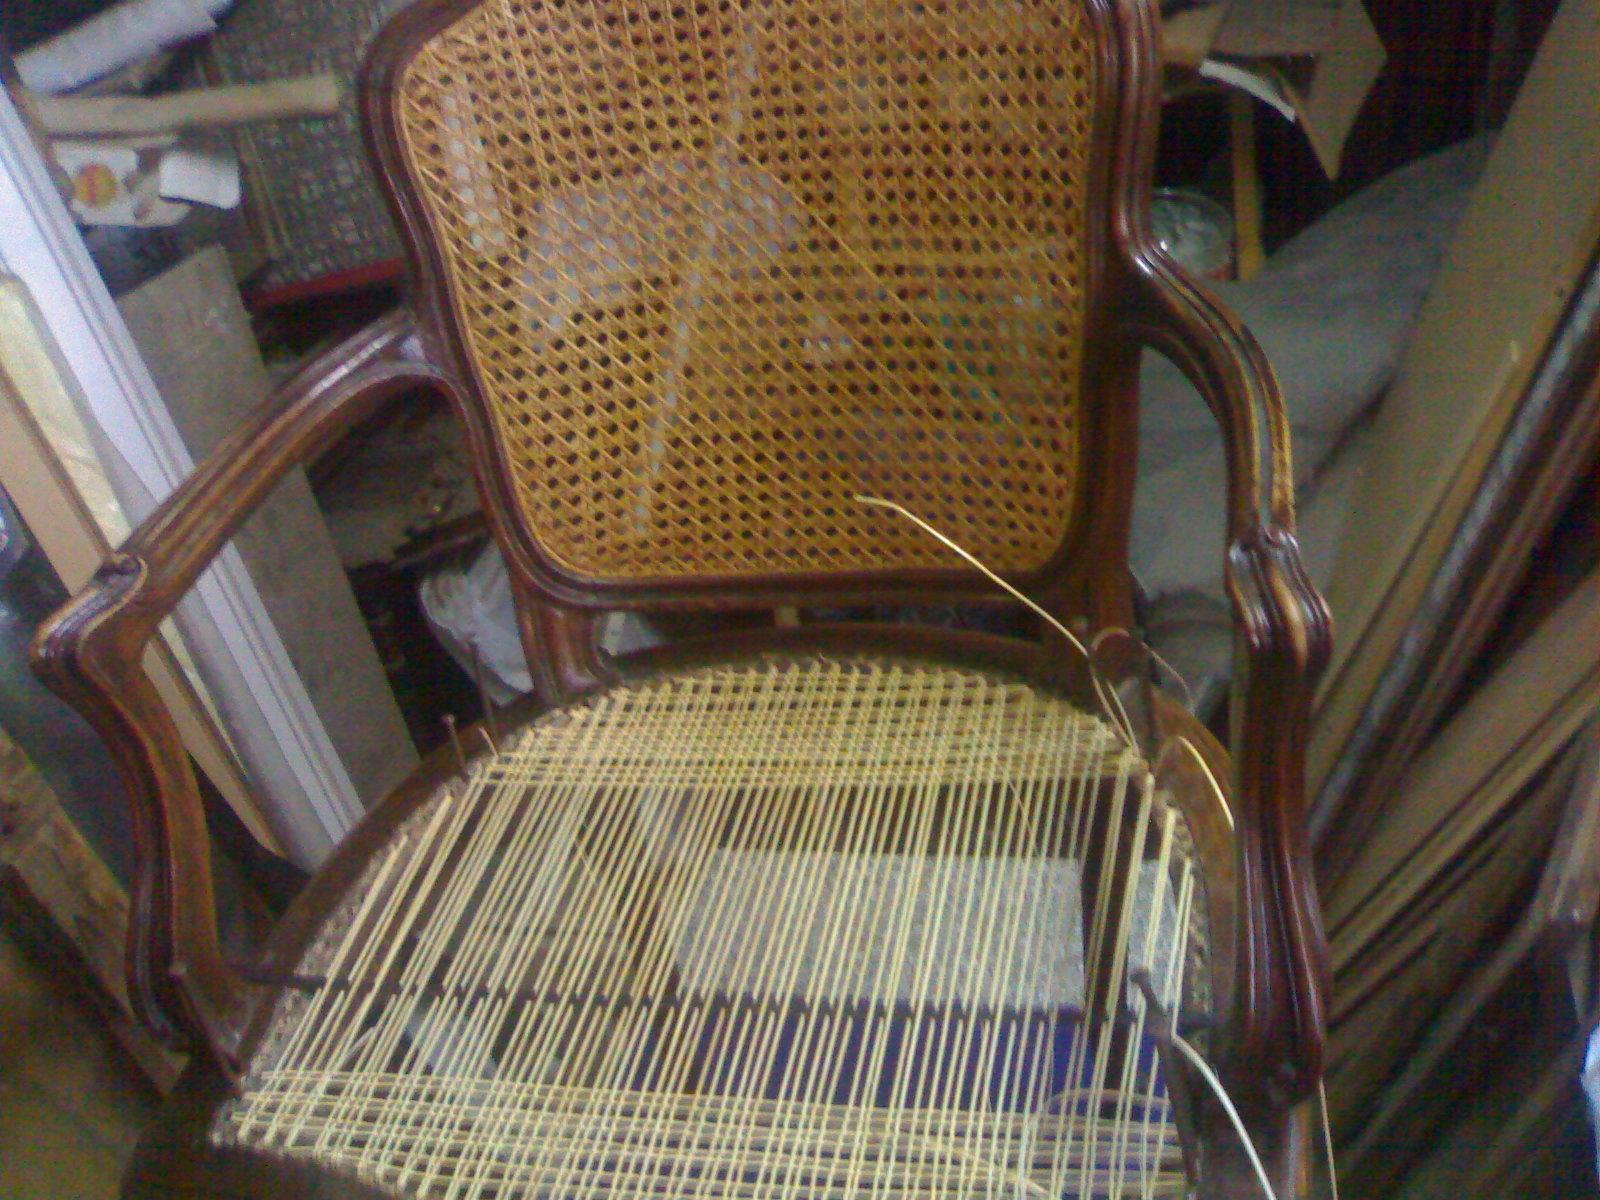 Impagliatura in paglia di vienna di fiume in cordino cinese sia a spicchi che a scacchi su se divani letti Il lavoro é artigianale quindi eseguito